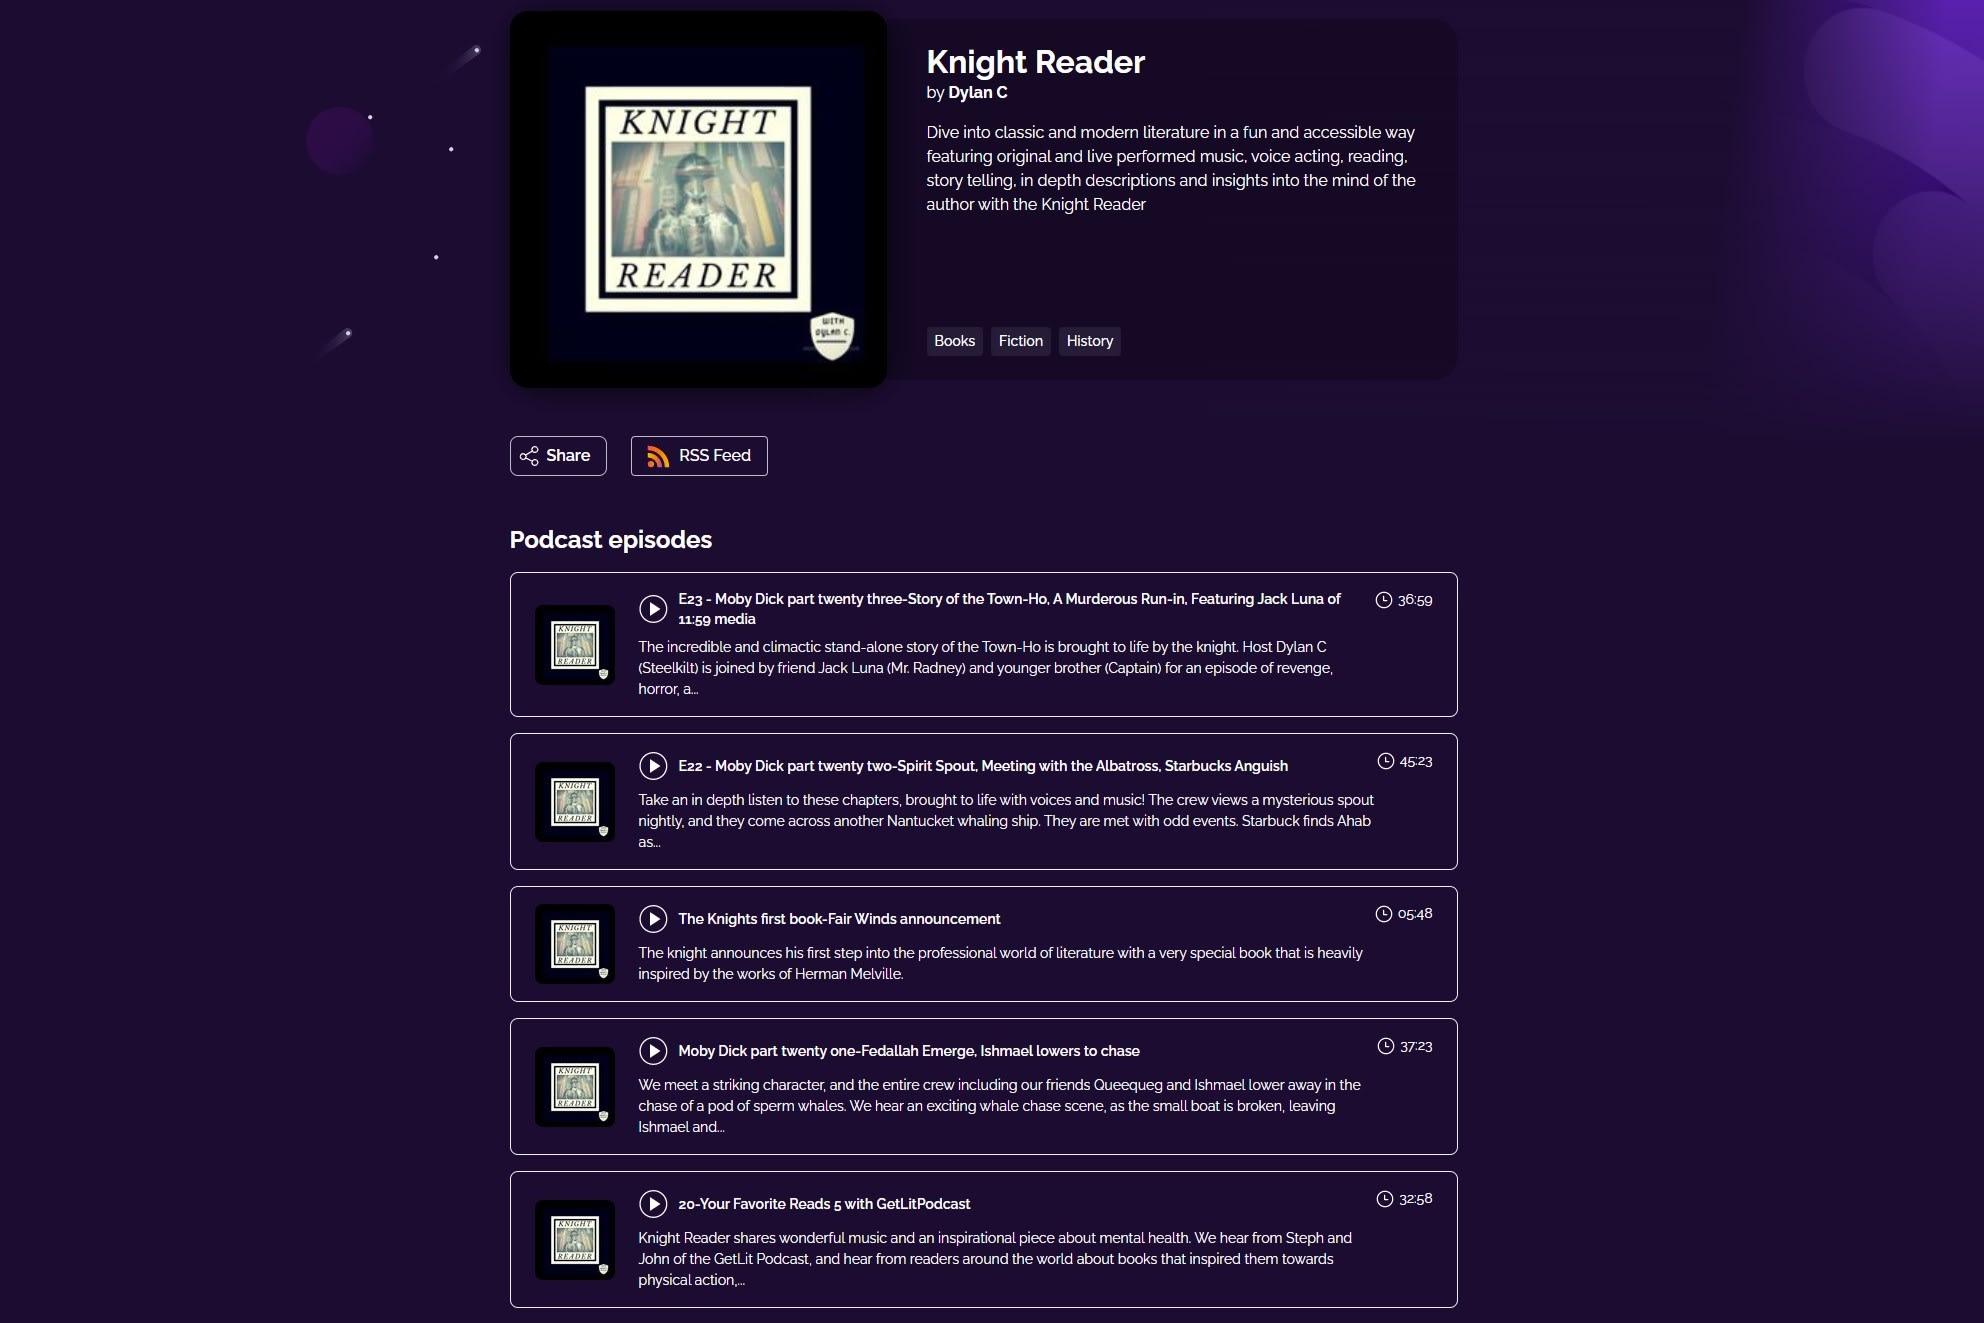 knight reader podcast